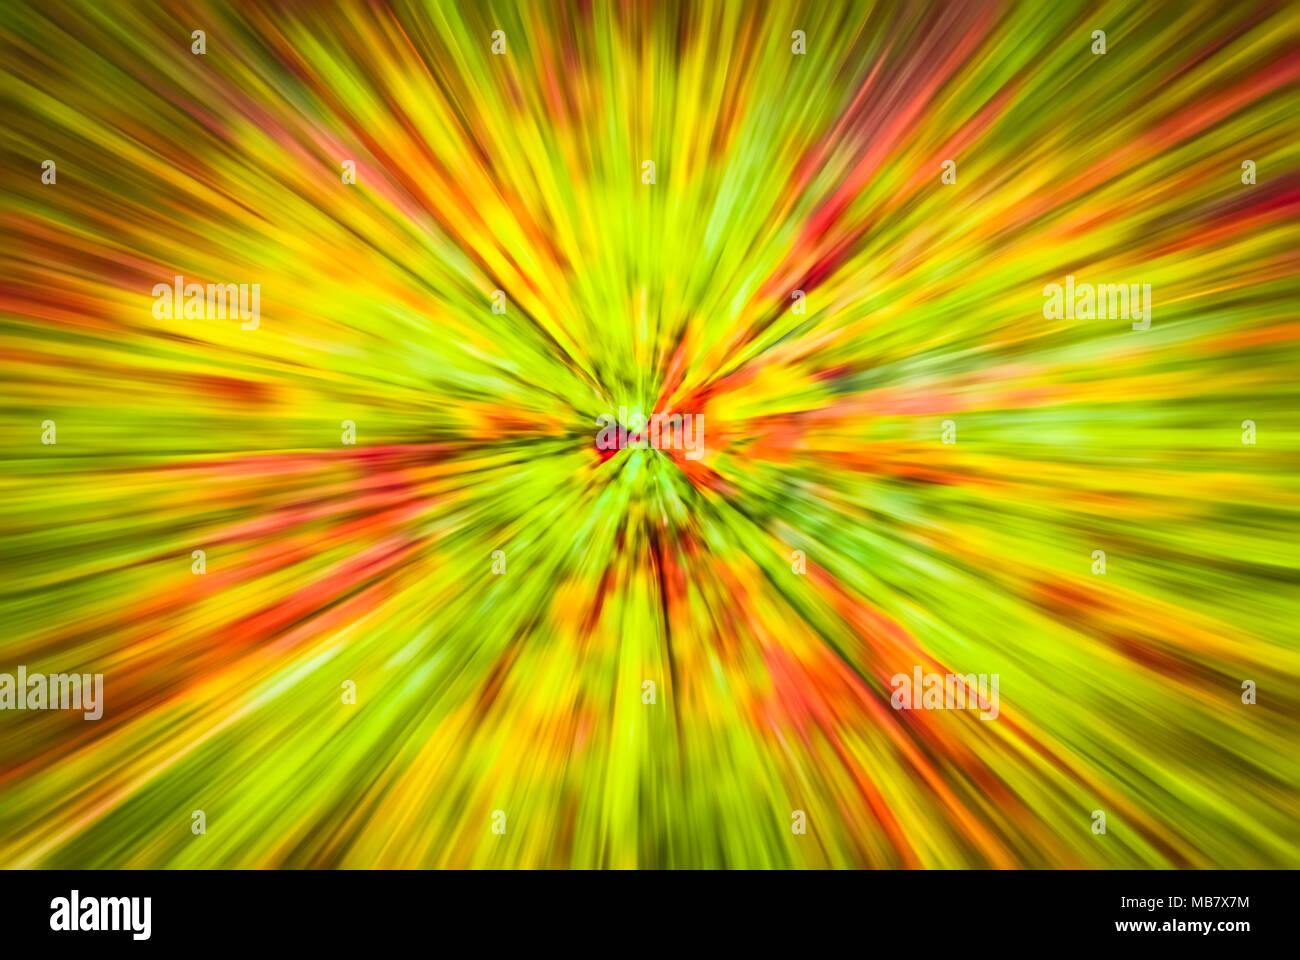 Psychedelisch hypnotischen unrealistisch Abstrakte Speedy Rosa Gier Hintergrund, motion blur Effekt, zoom Bewegungsunschärfe. Stockbild